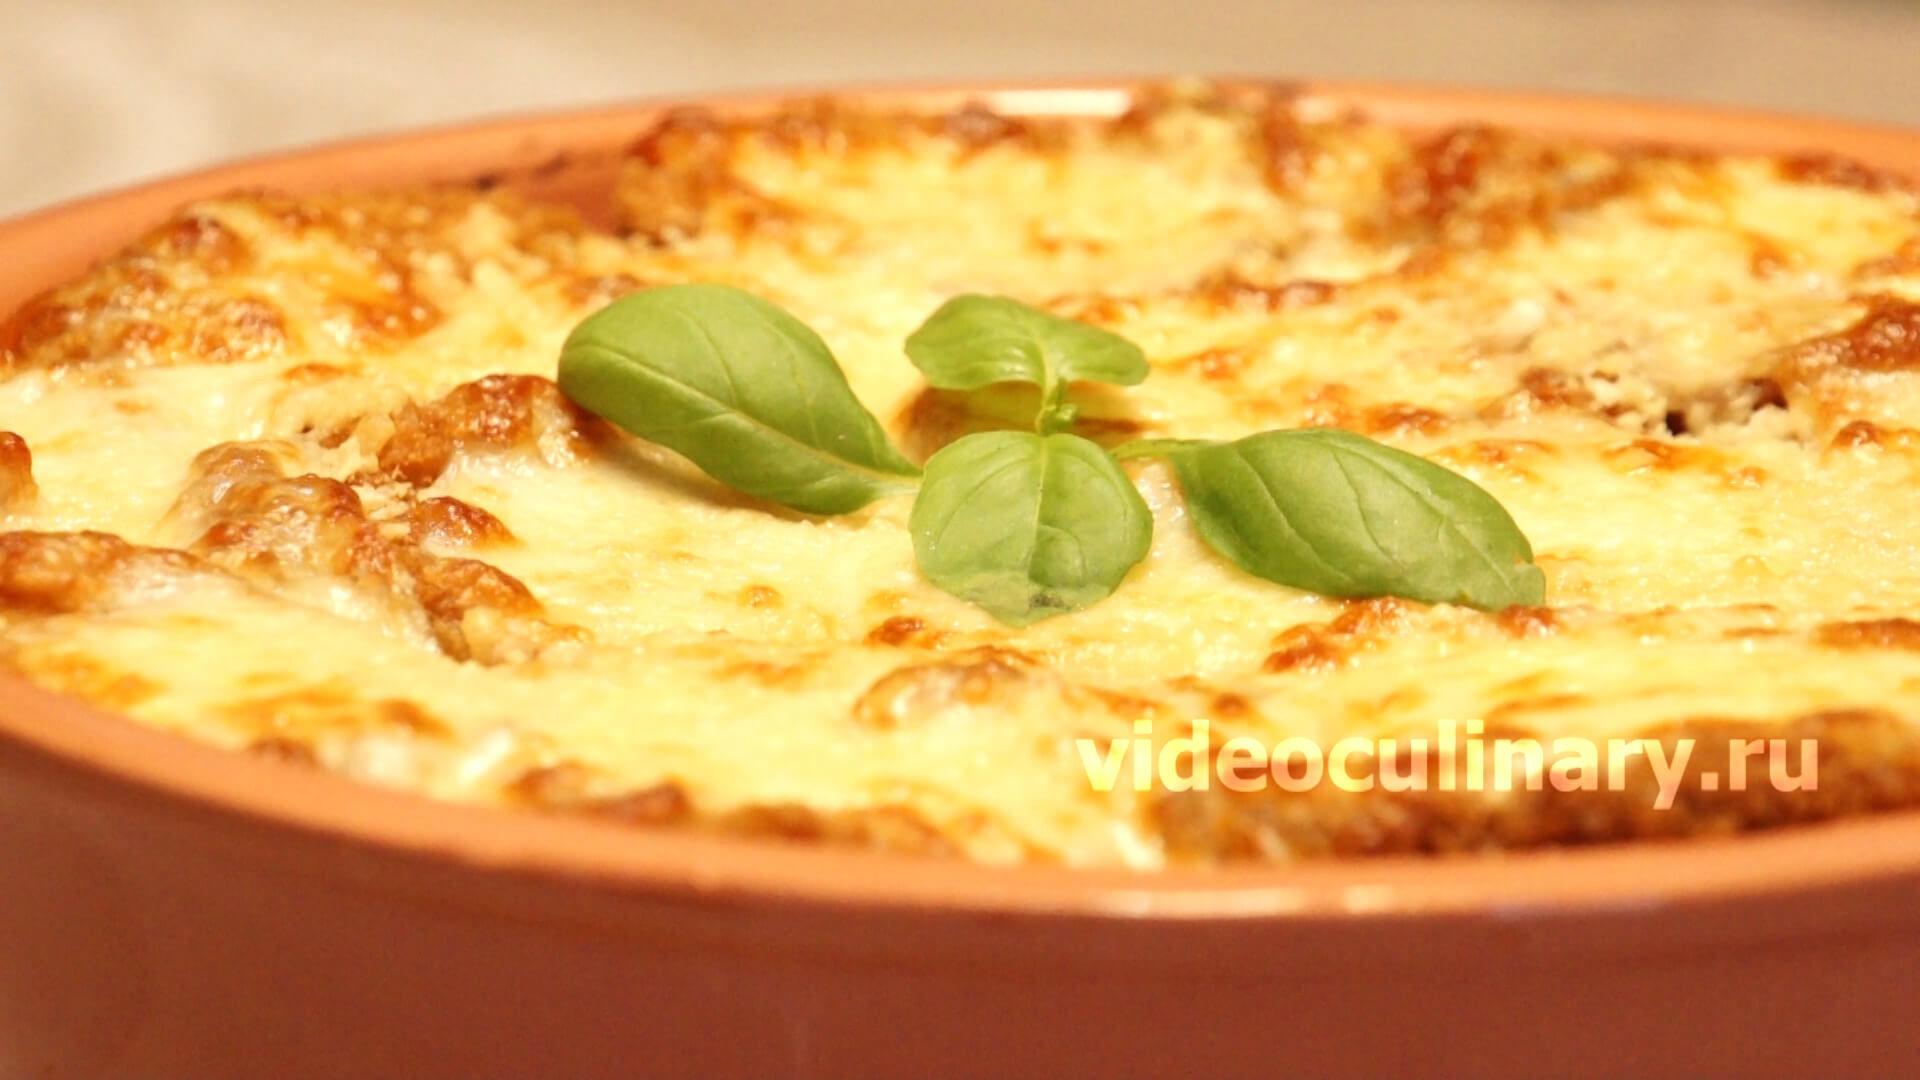 Финальное фото - Баклажаны с сыром пармезан